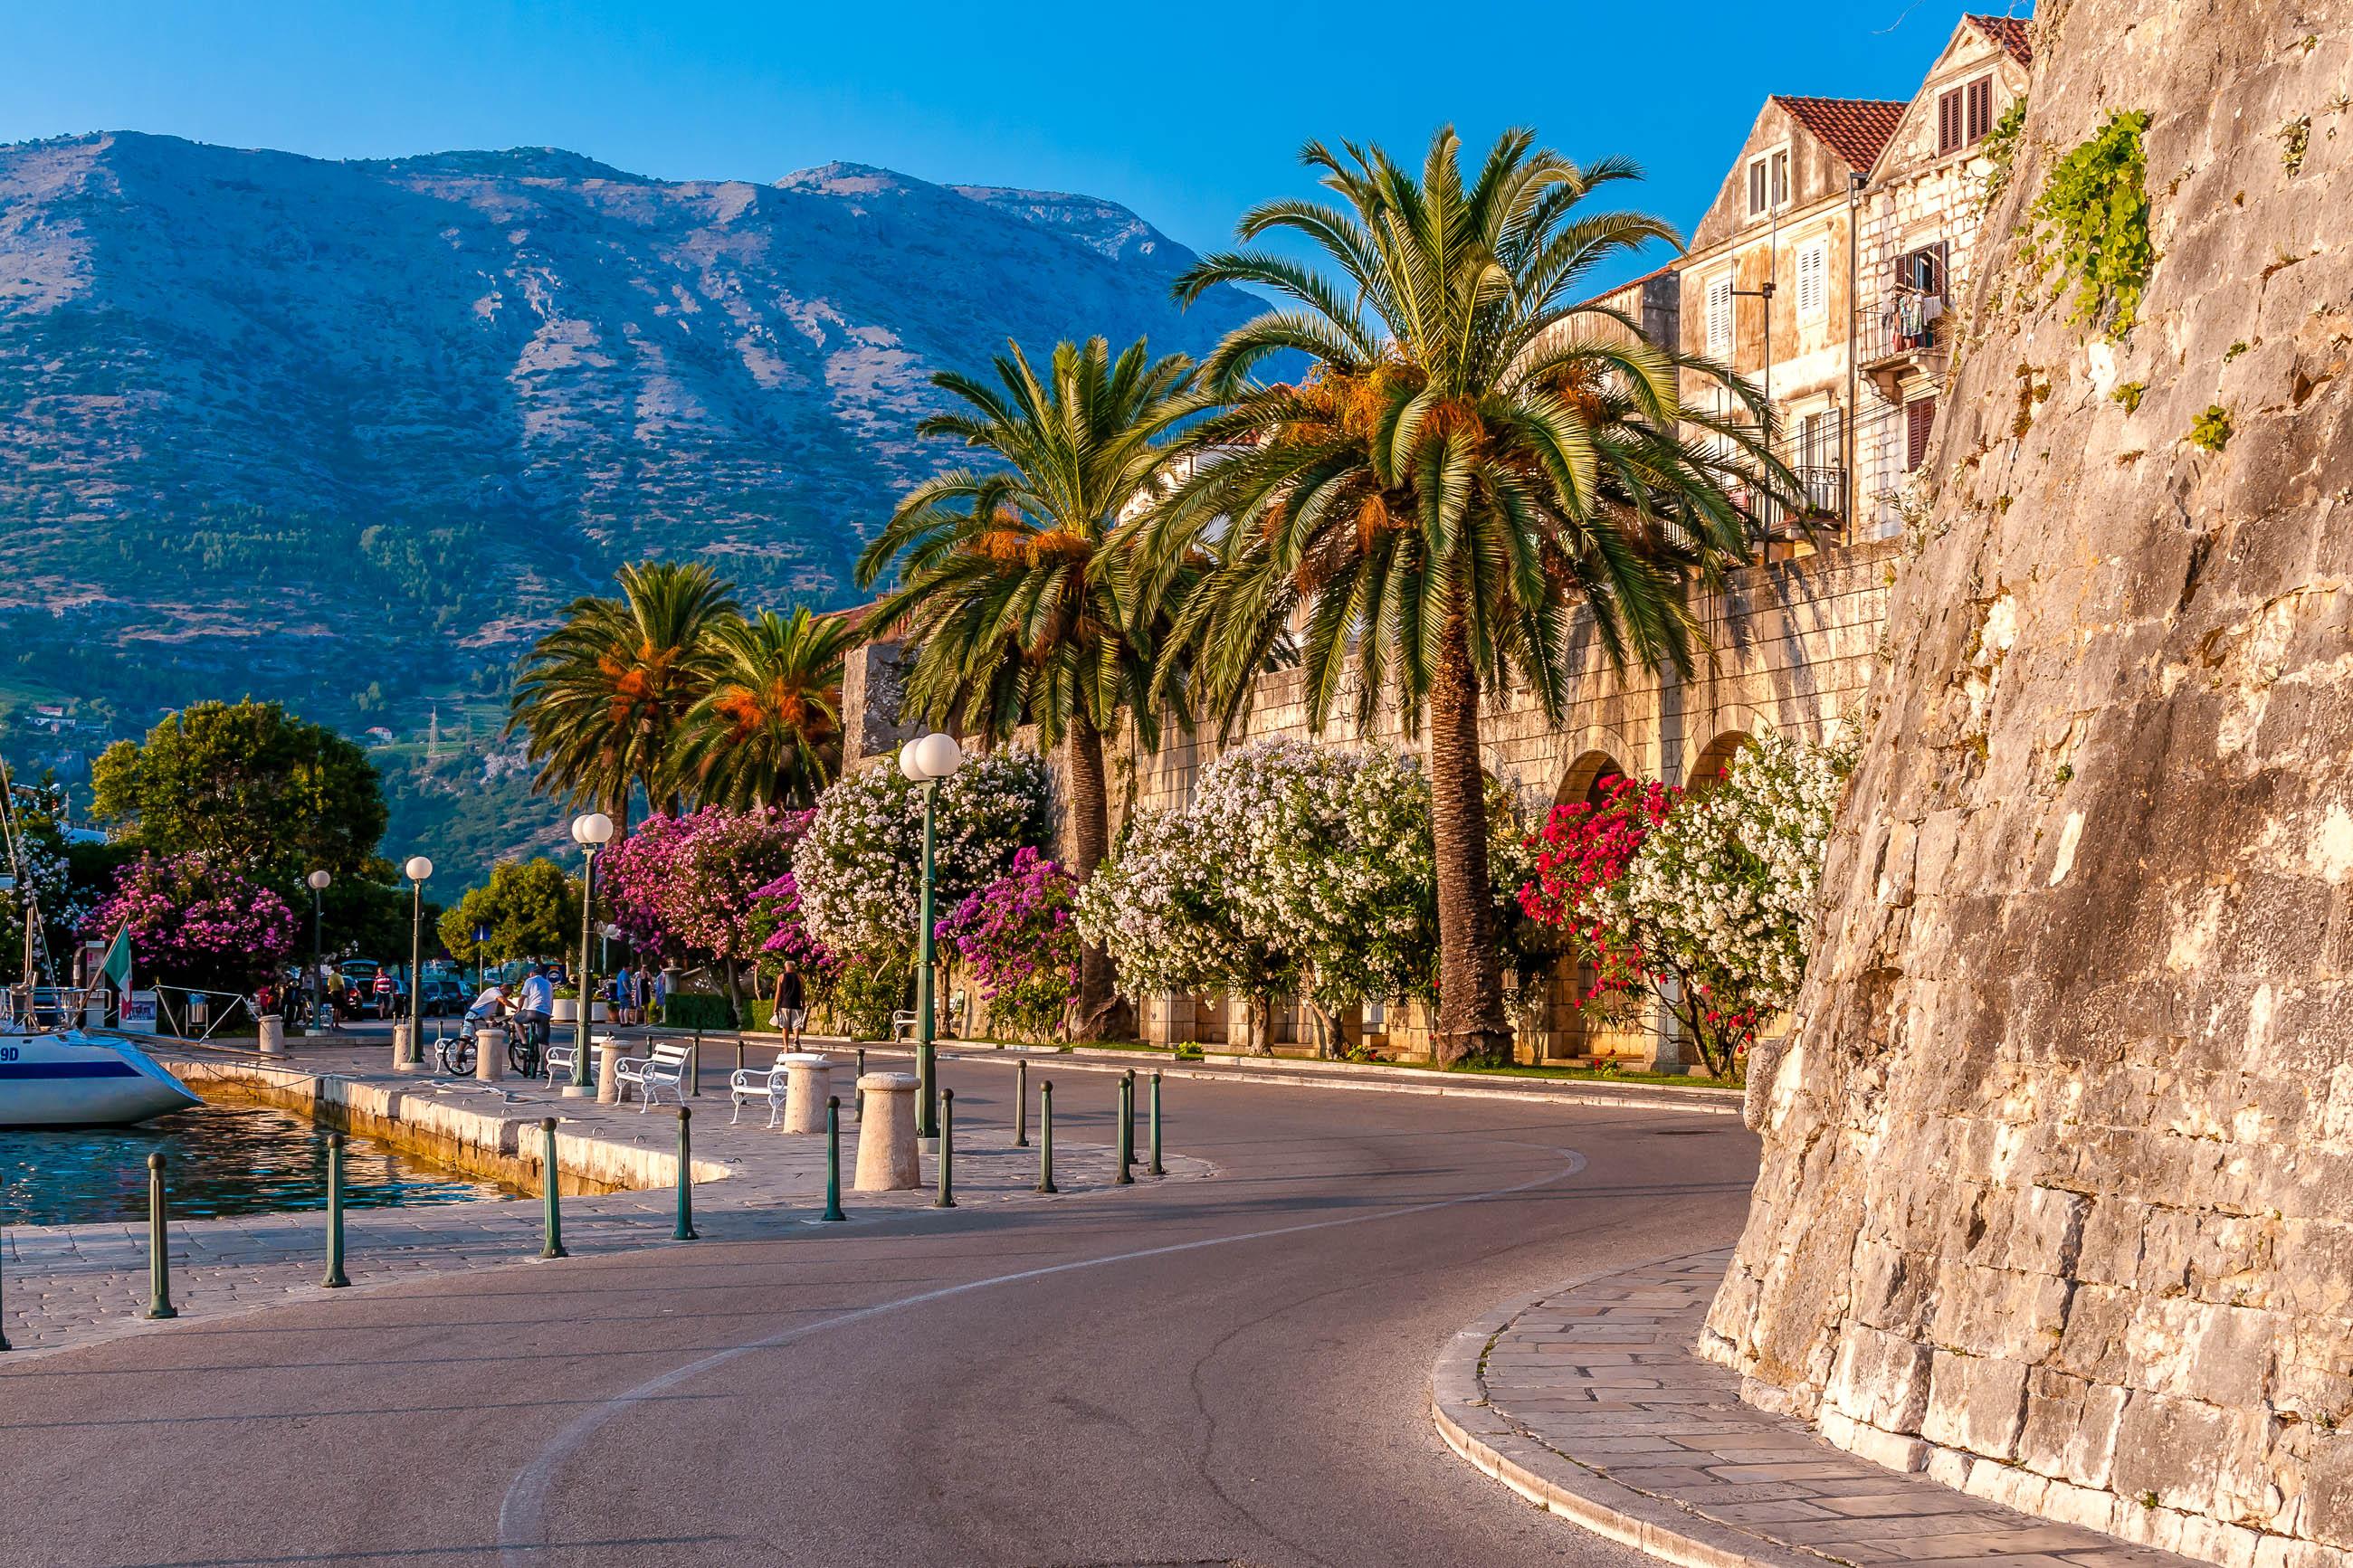 Ihre tausendjährige Inselgeschichte und die idyllische Landschaft machen Korcula seit über 100 Jahren zu einer der beliebtesten Urlaubsinseln von Kroatien - © RnDmS / Shutterstock